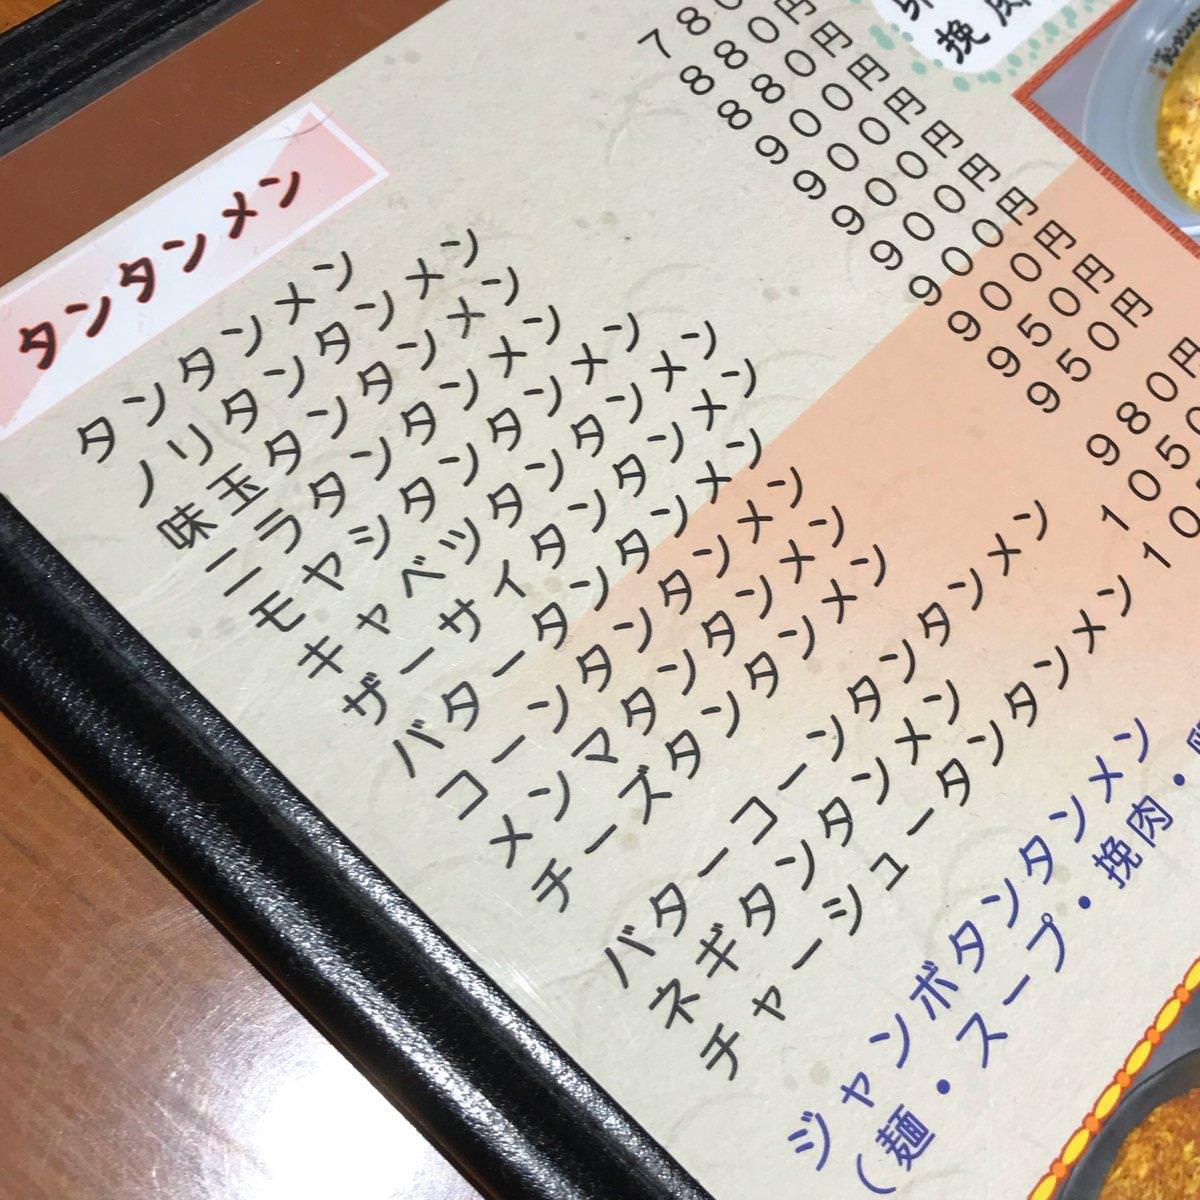 【画像】タンタンメン専門店、うざすぎるwwwww